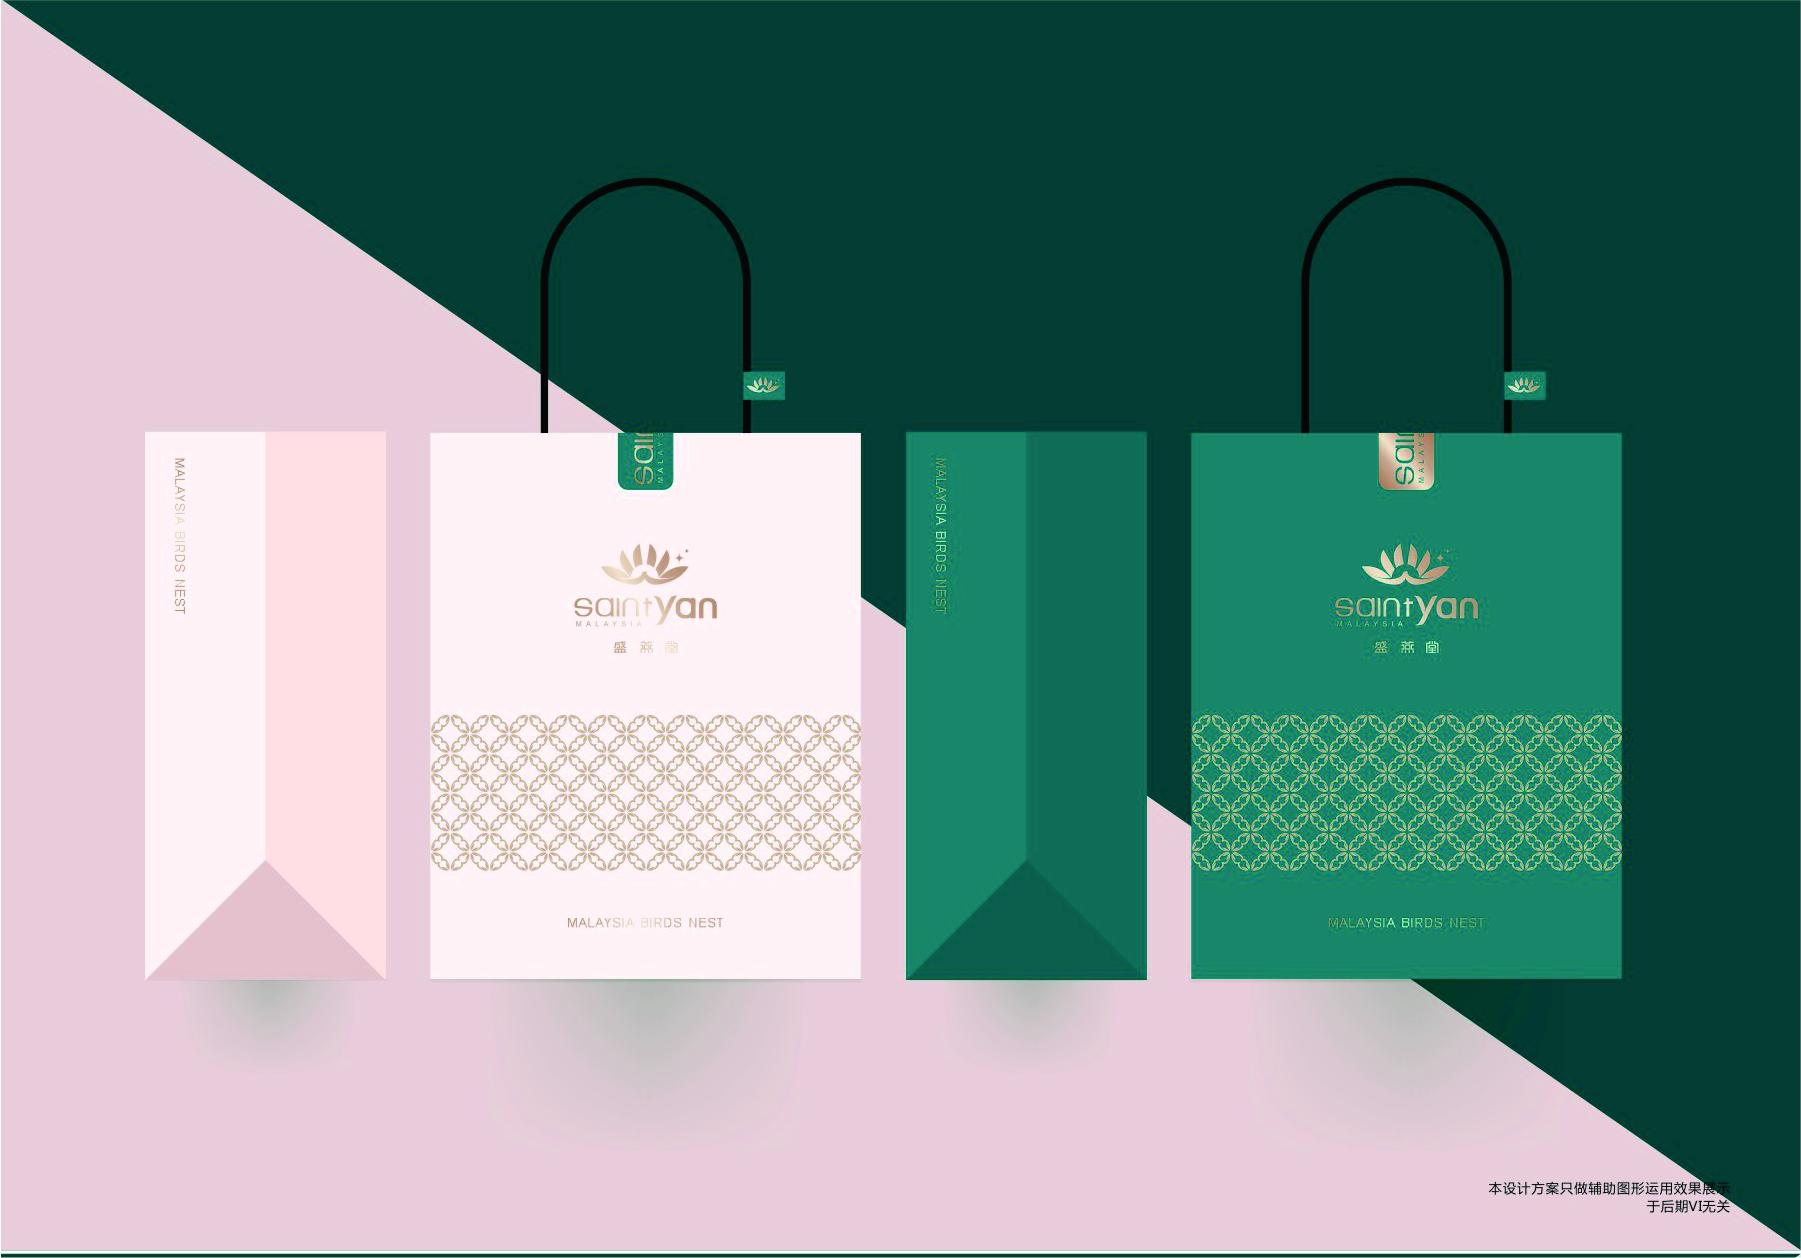 原创设计商标公司LOGO设计标志简约风格VI设计燕窝品牌全案